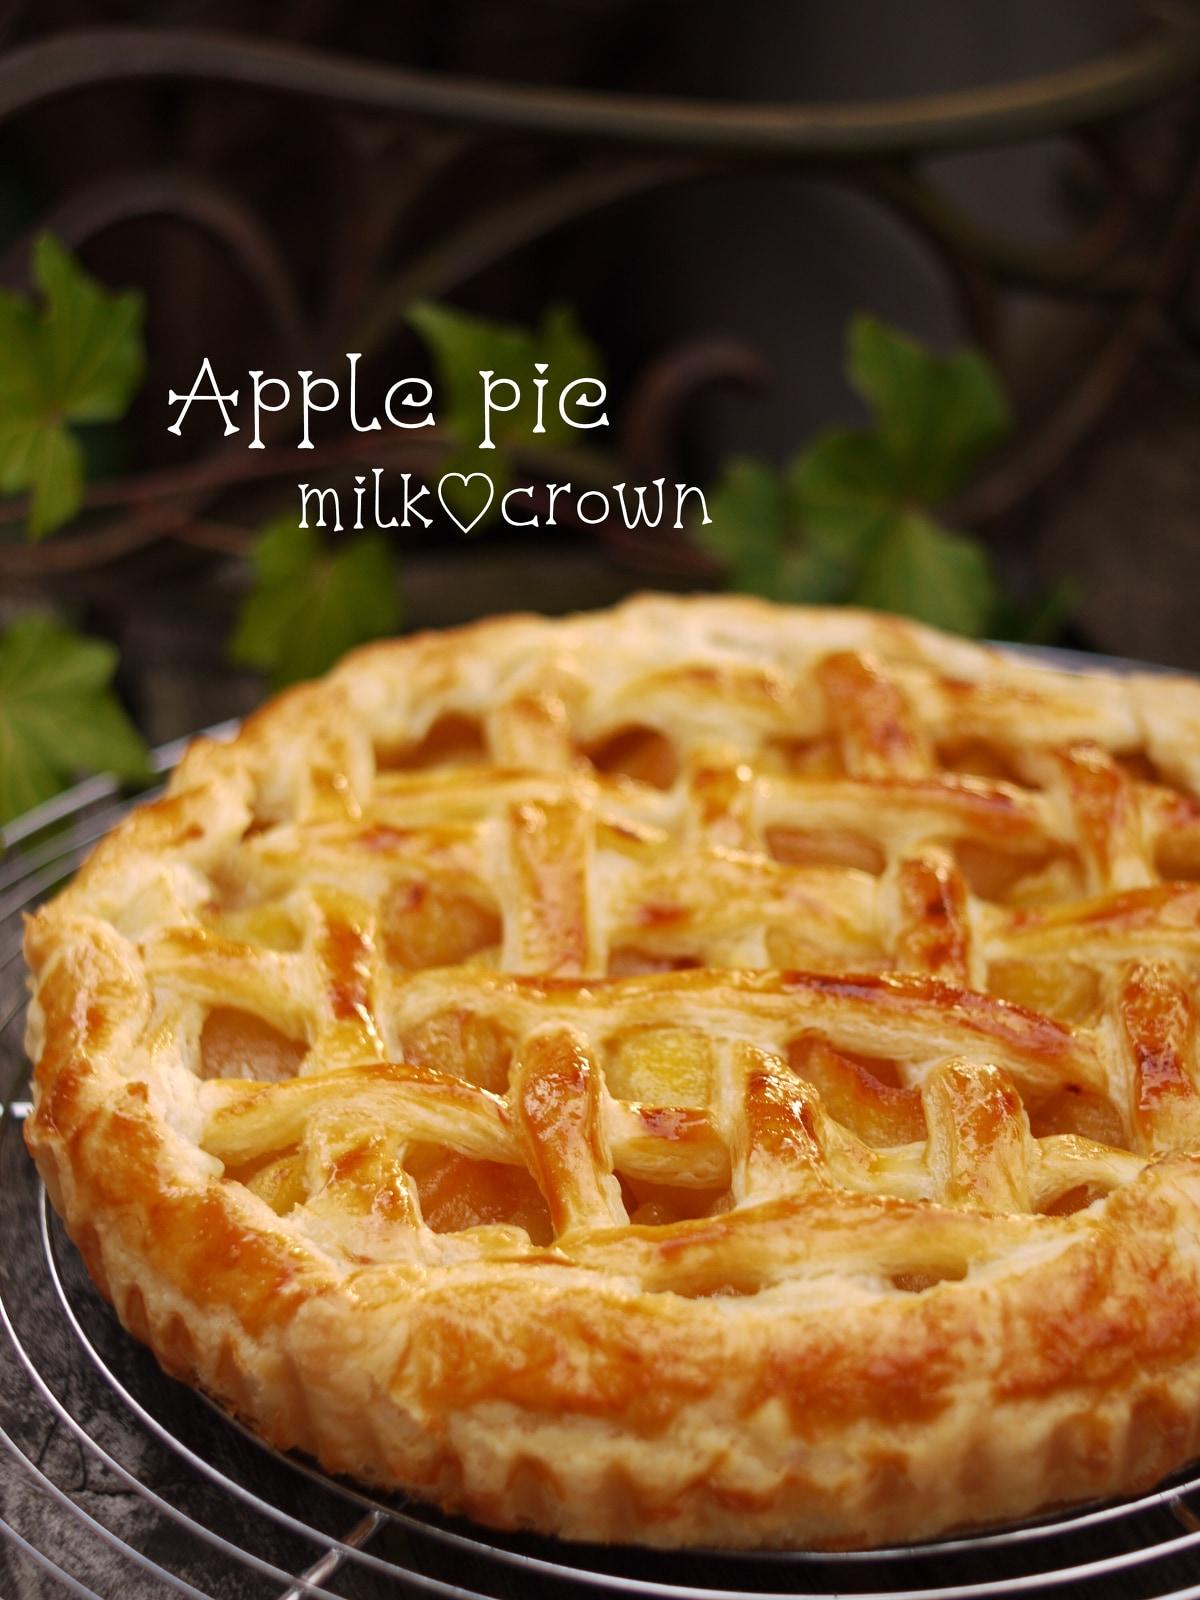 作り方 アップル パイ